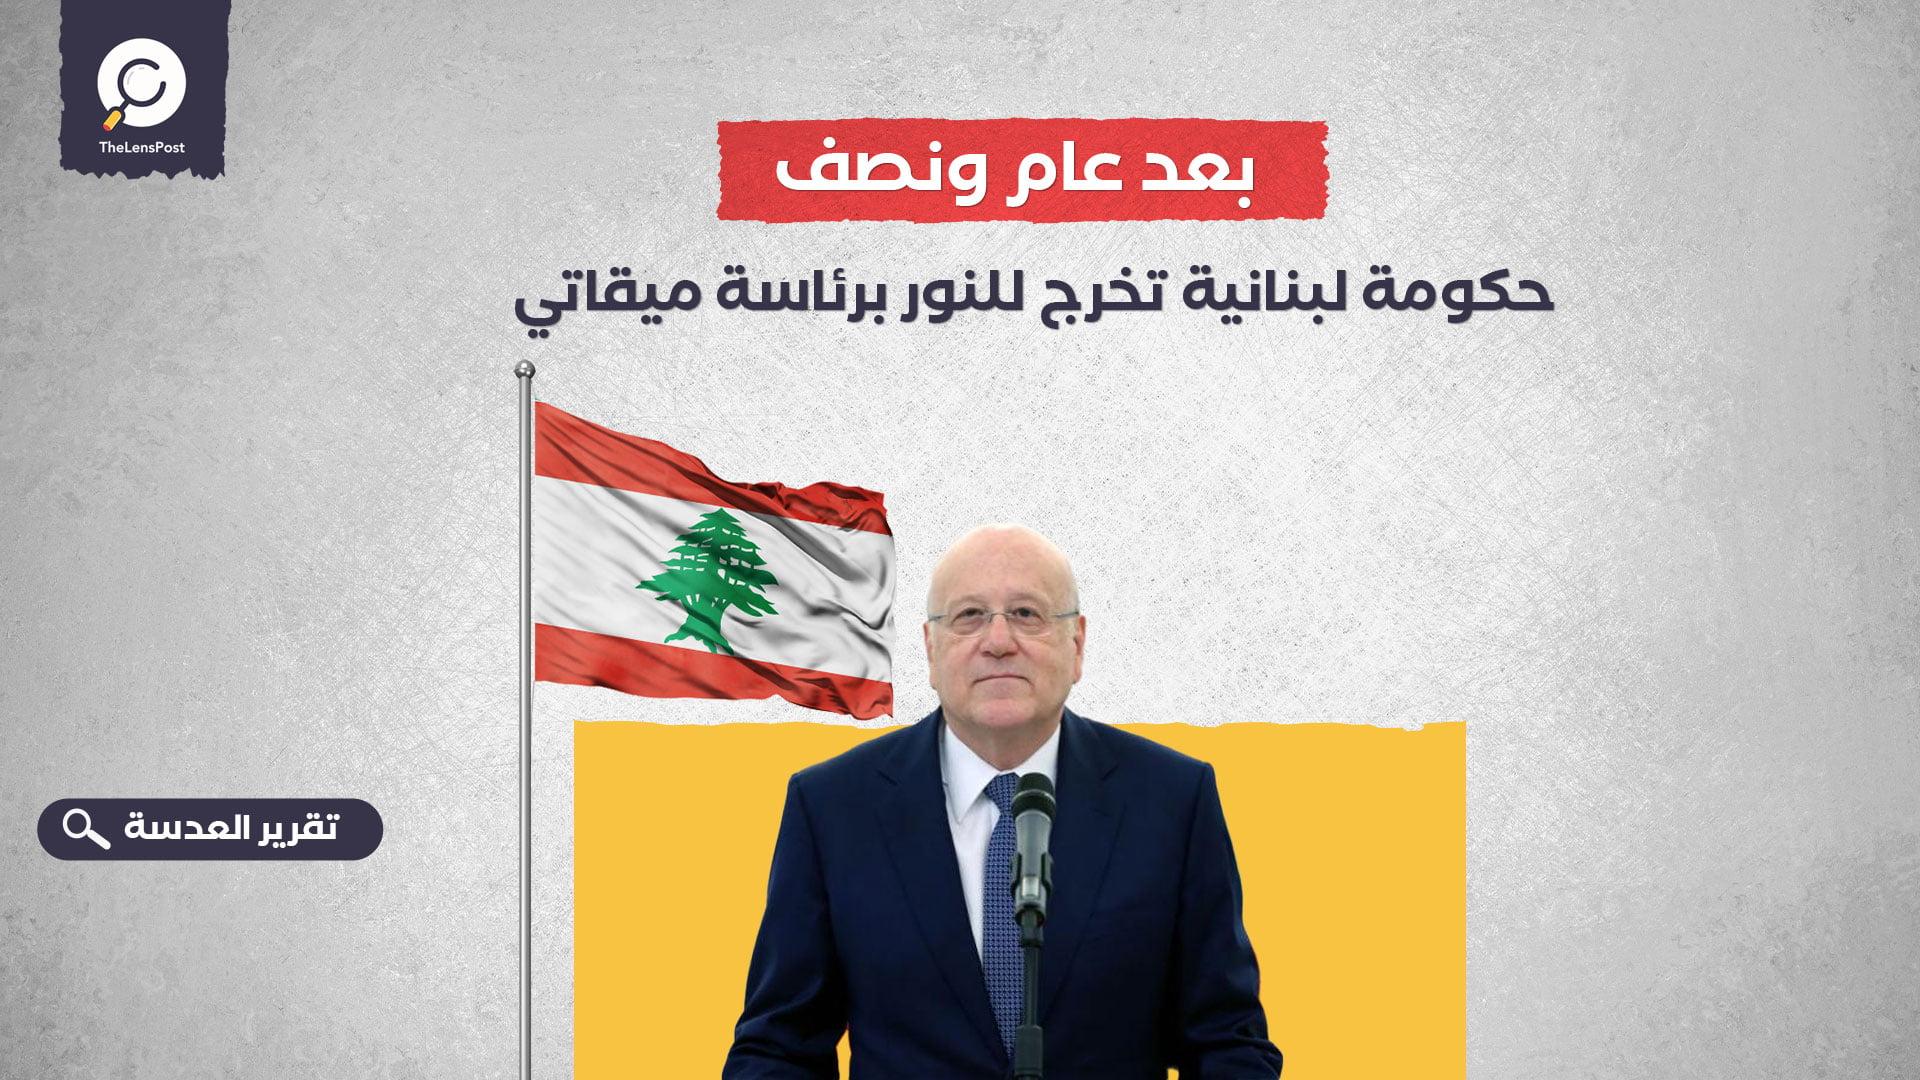 بعد عام ونصف.. حكومة لبنانية تخرج للنور برئاسة ميقاتي